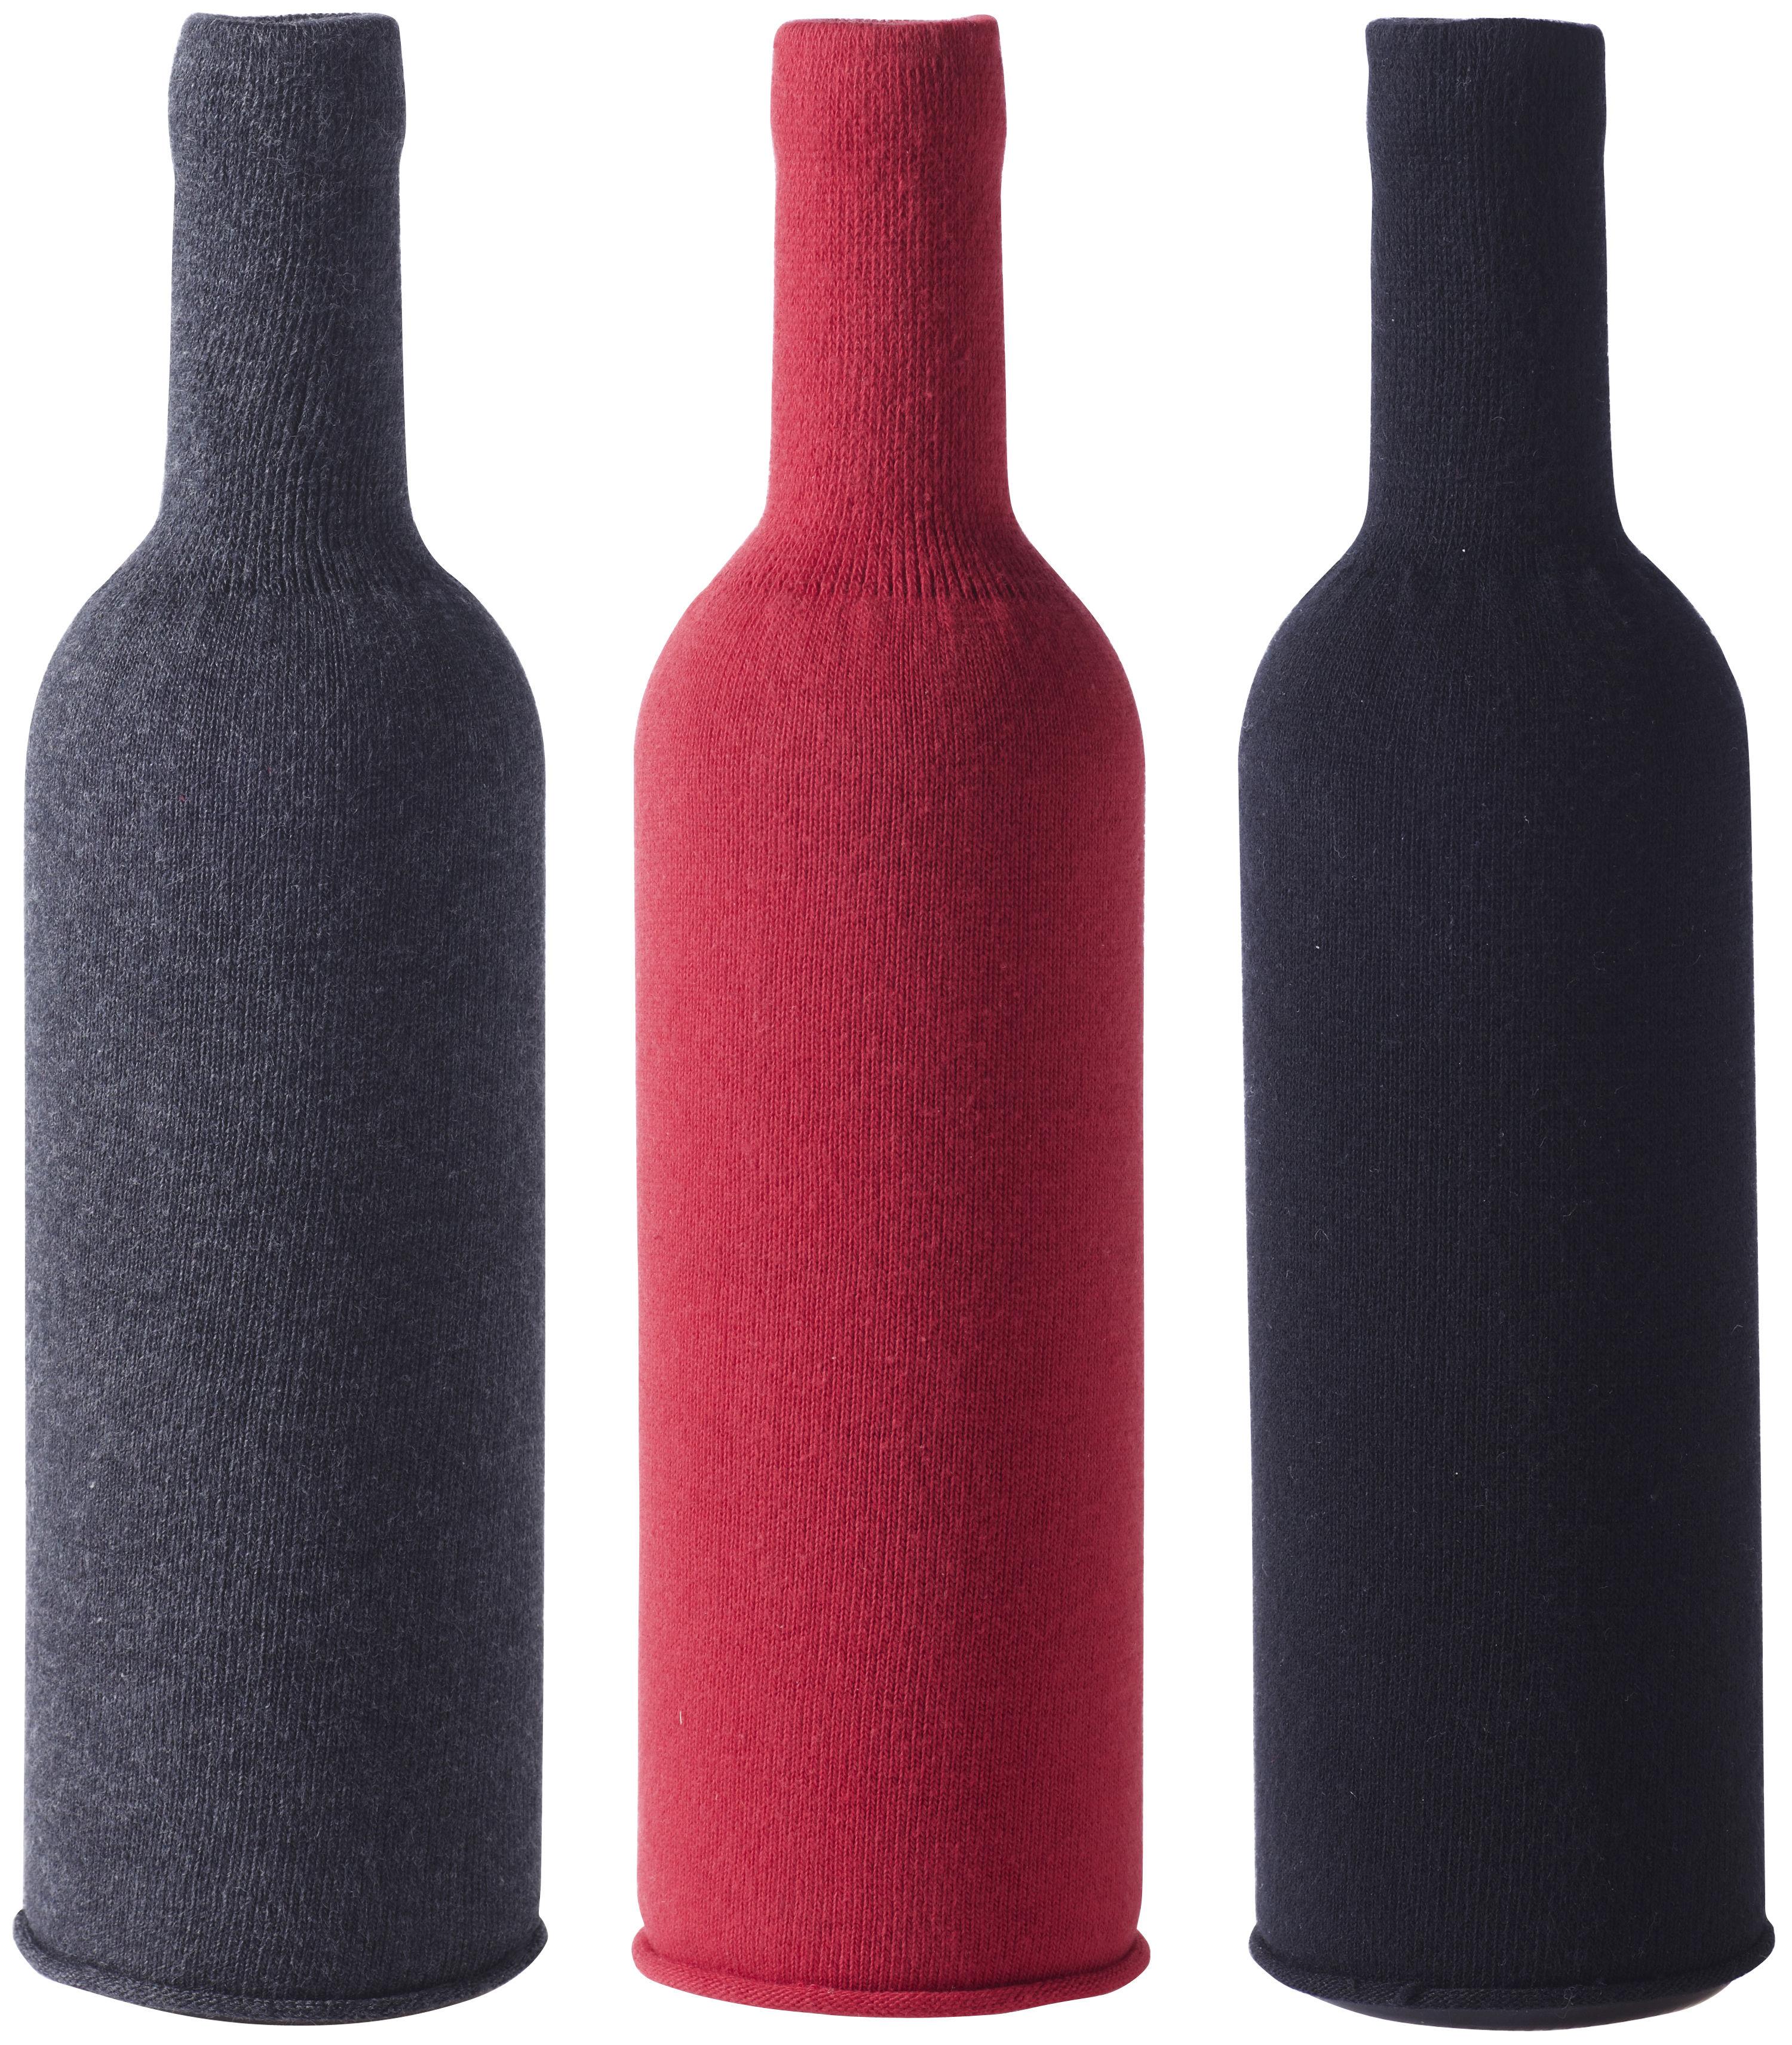 Tavola - Accessori  - Copri bottiglia - / Set da 3 - Per degustazione alla cieca di L'Atelier du Vin - Nero / Grigio antracite / Rosso - Cotone, Elasthanne, Poliammide